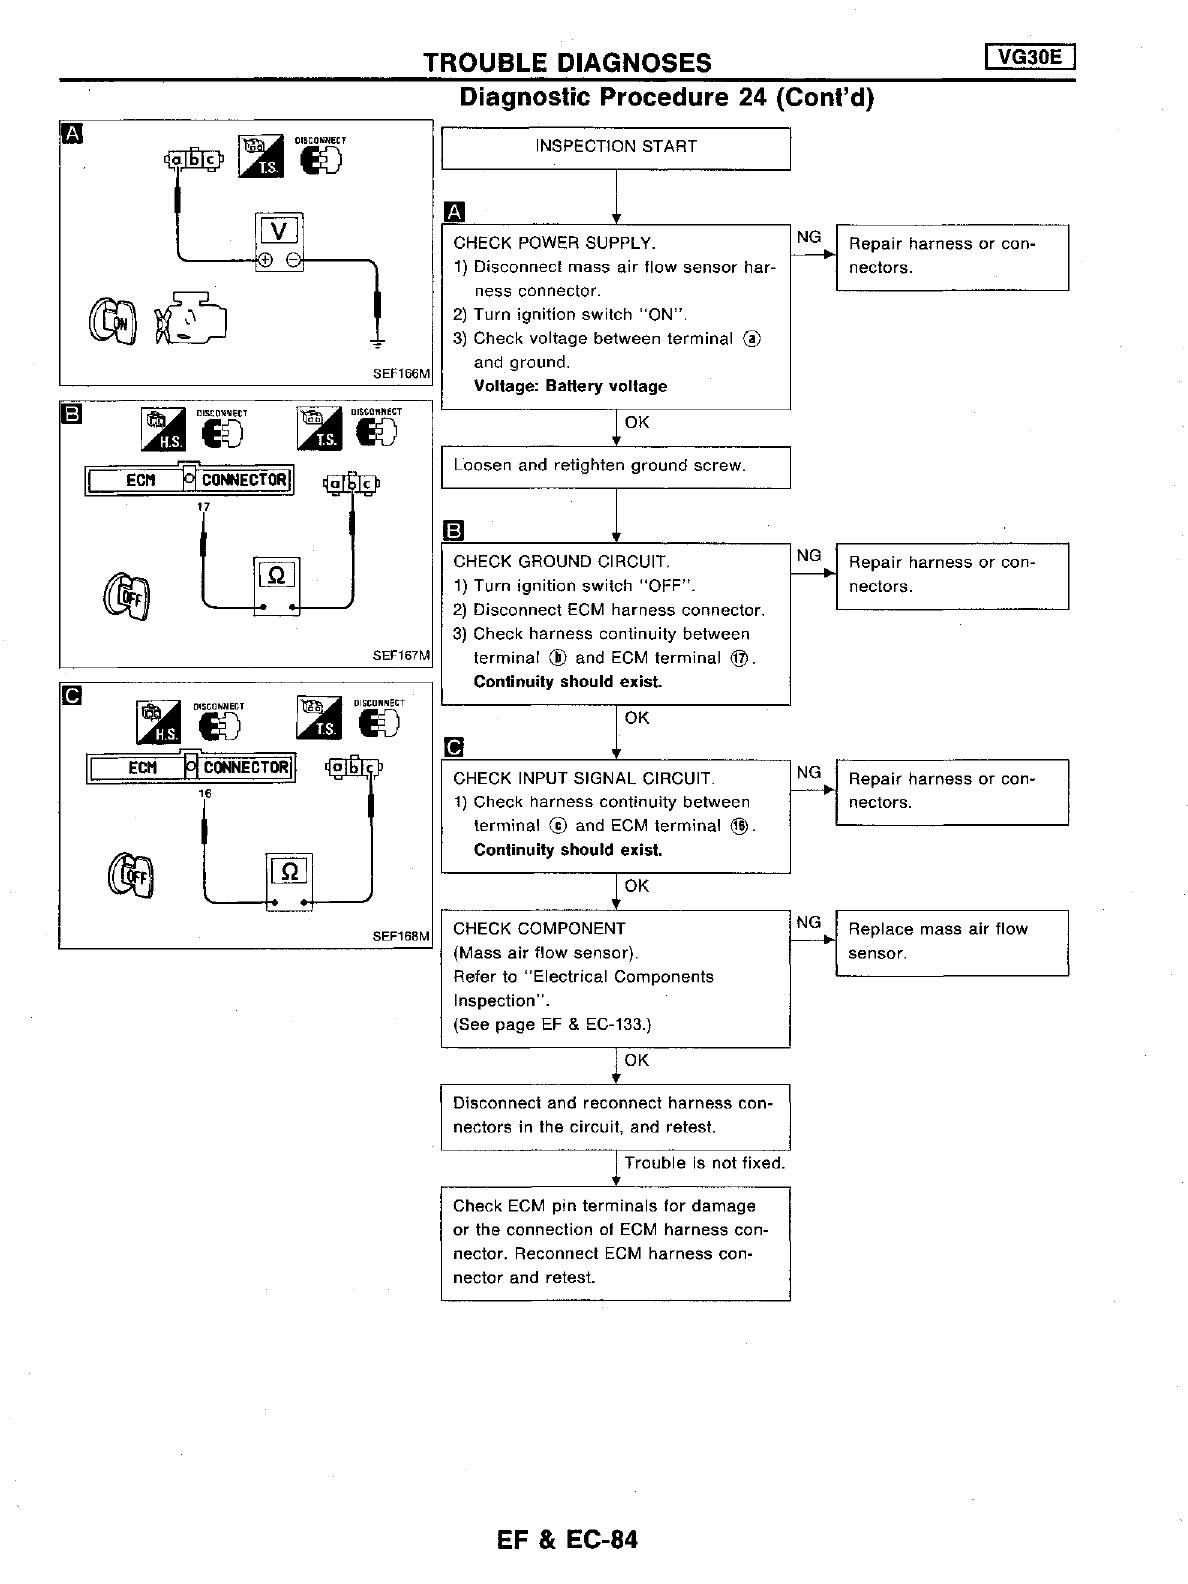 Disconnect Mass Air Flow Sensor